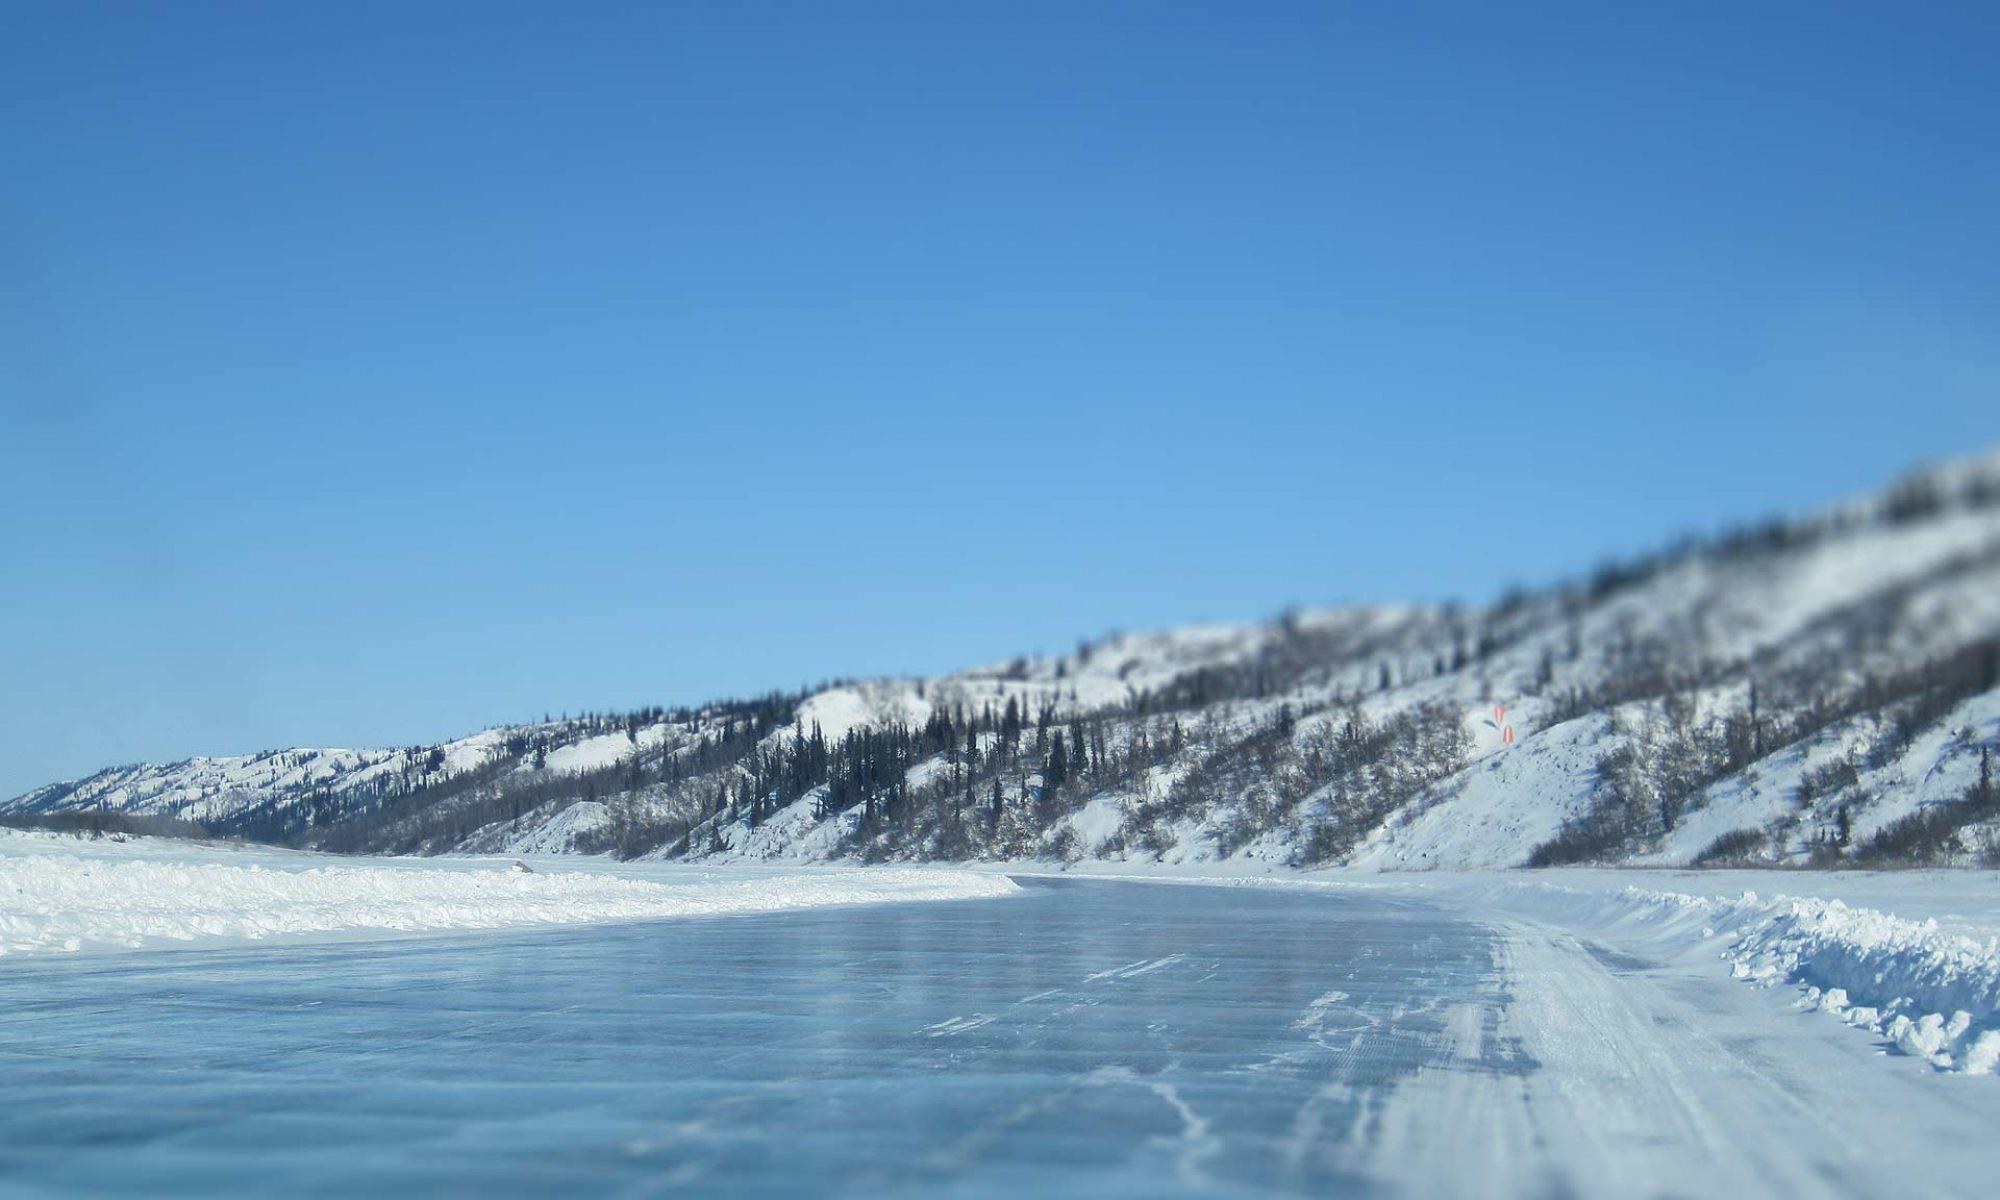 Ice Road Preacher